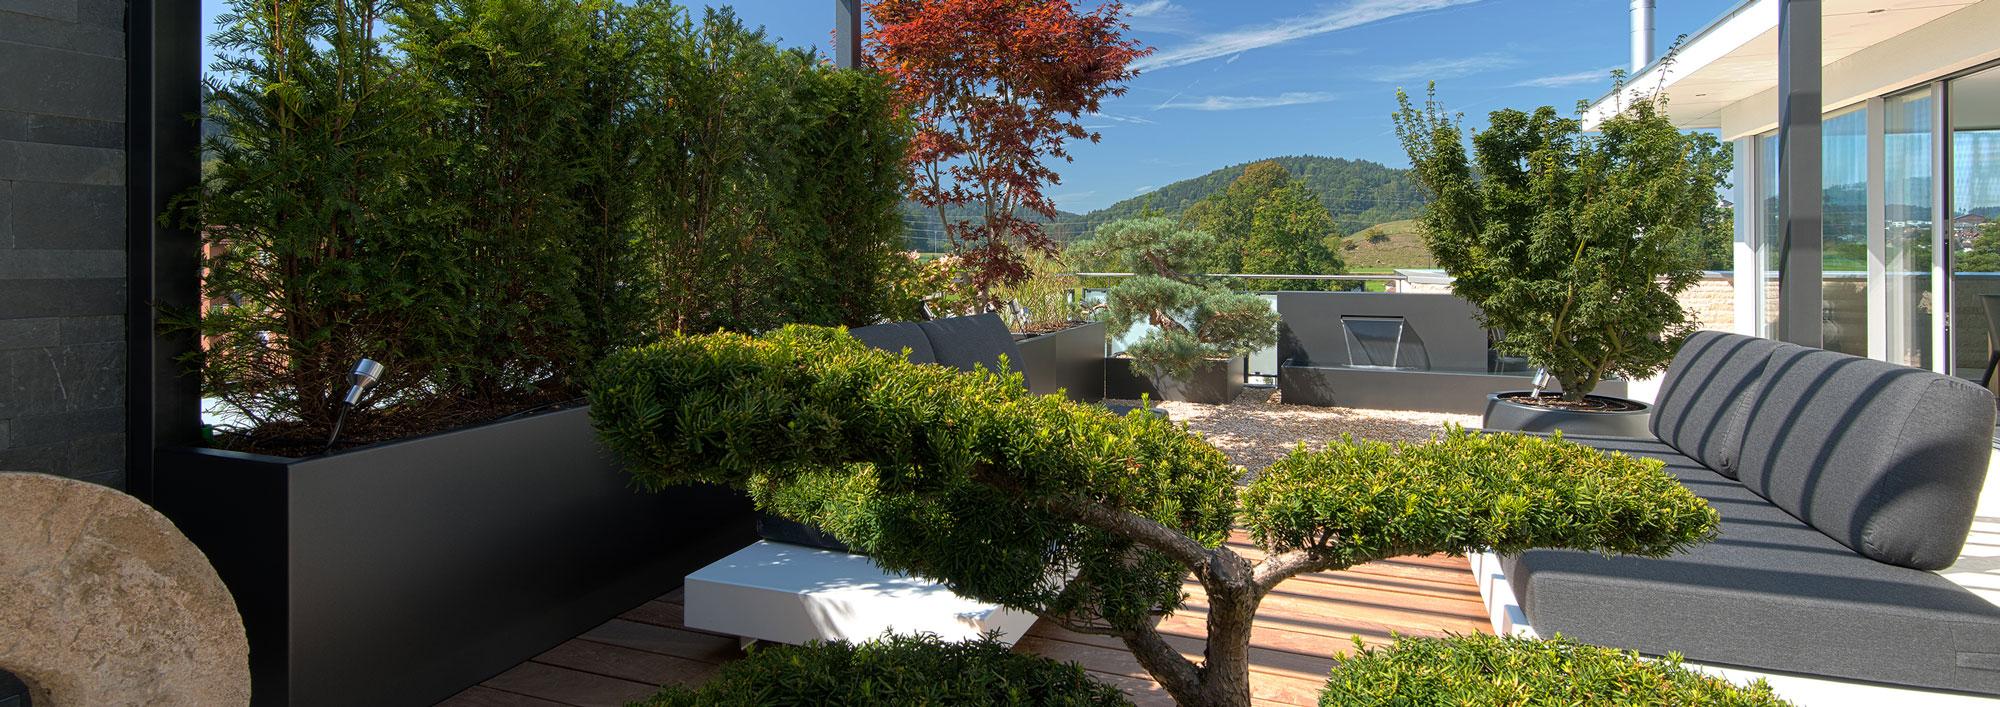 Terrassengarten Und Terrassengestaltung